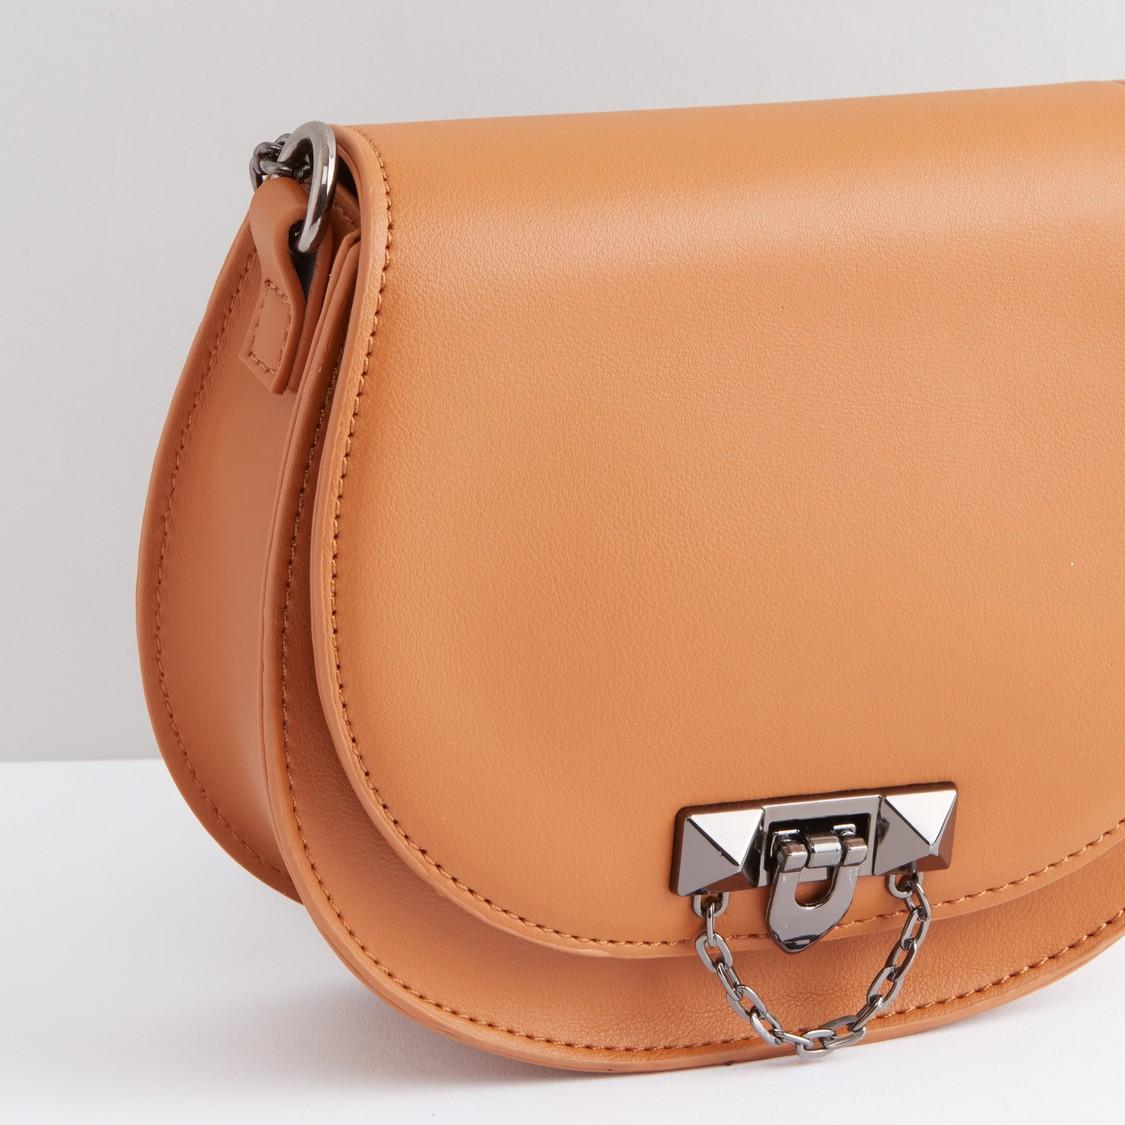 حقيبة كروس بودي مزيّنة بحزام سلسلة